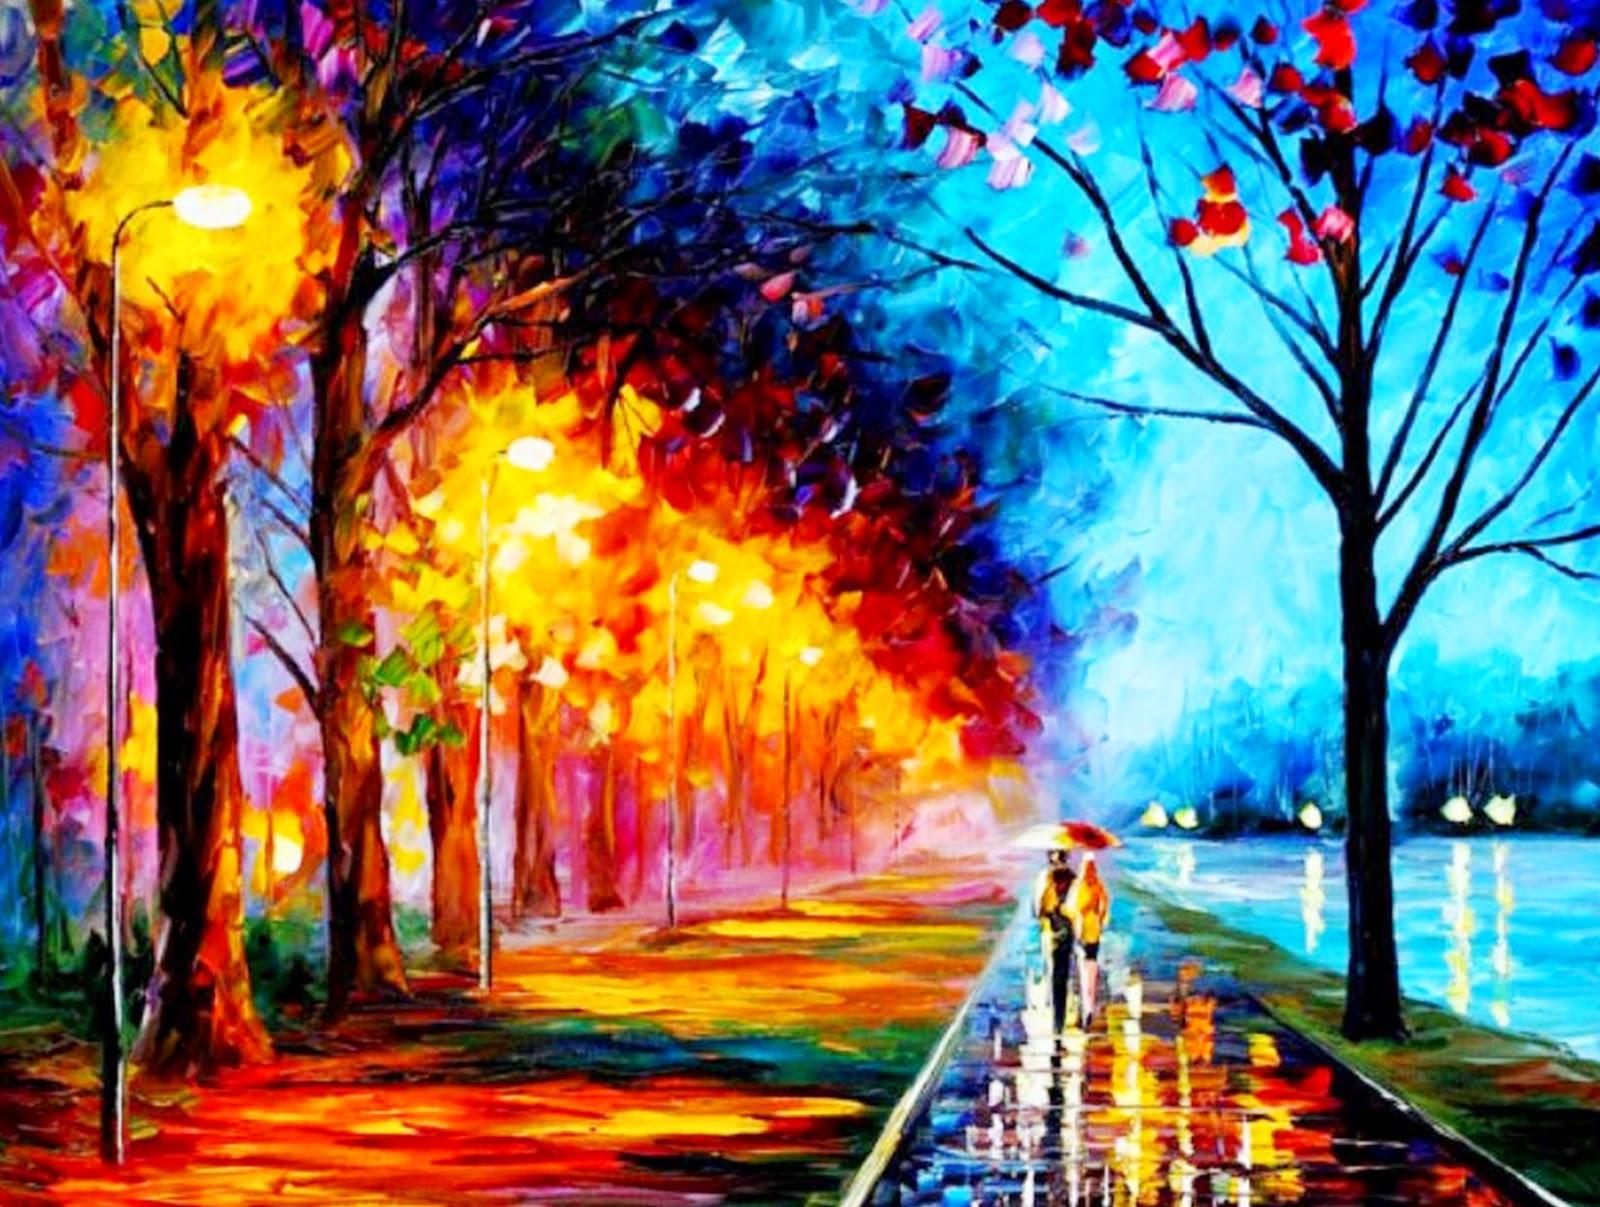 Pinturas cuadros lienzos imagenes de pinturas a espatulas - Los cuadros mas bonitos ...